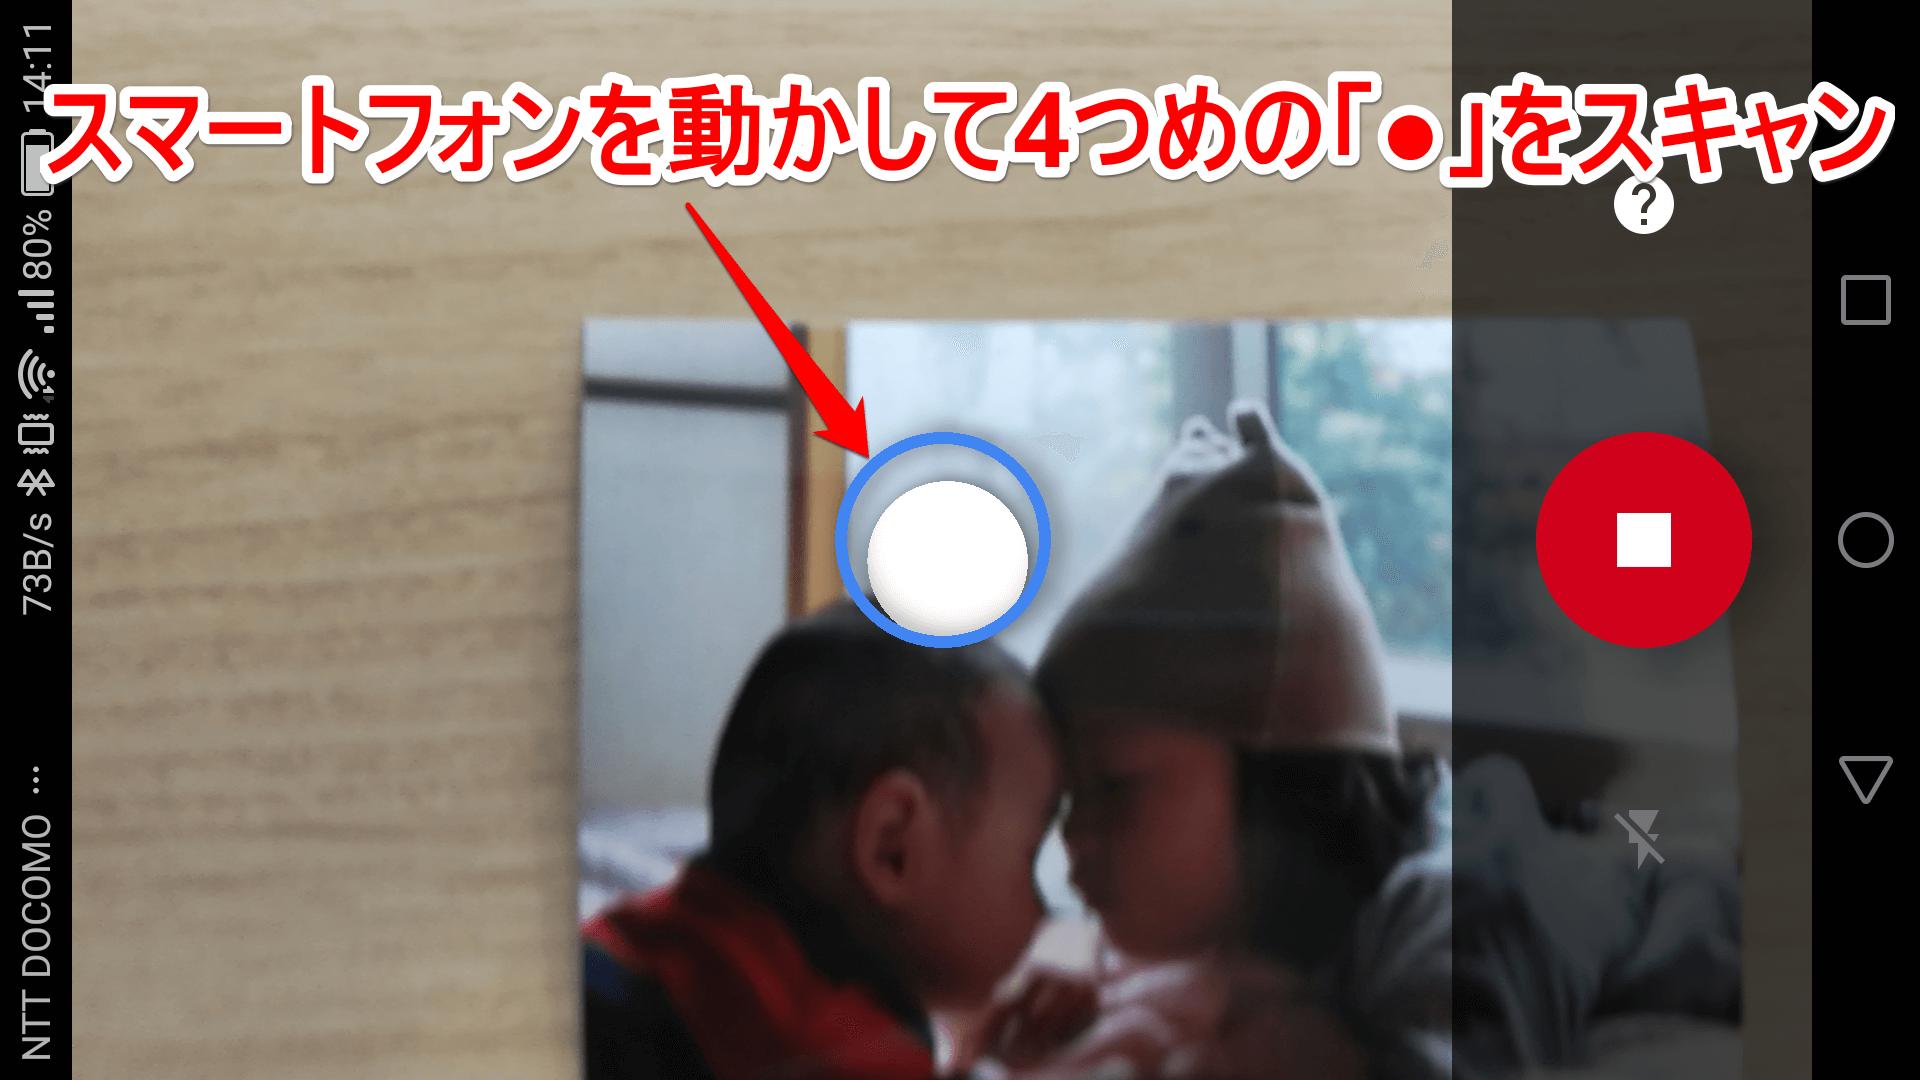 [フォトスキャン]アプリで4つ目の白丸をスキャンする画面